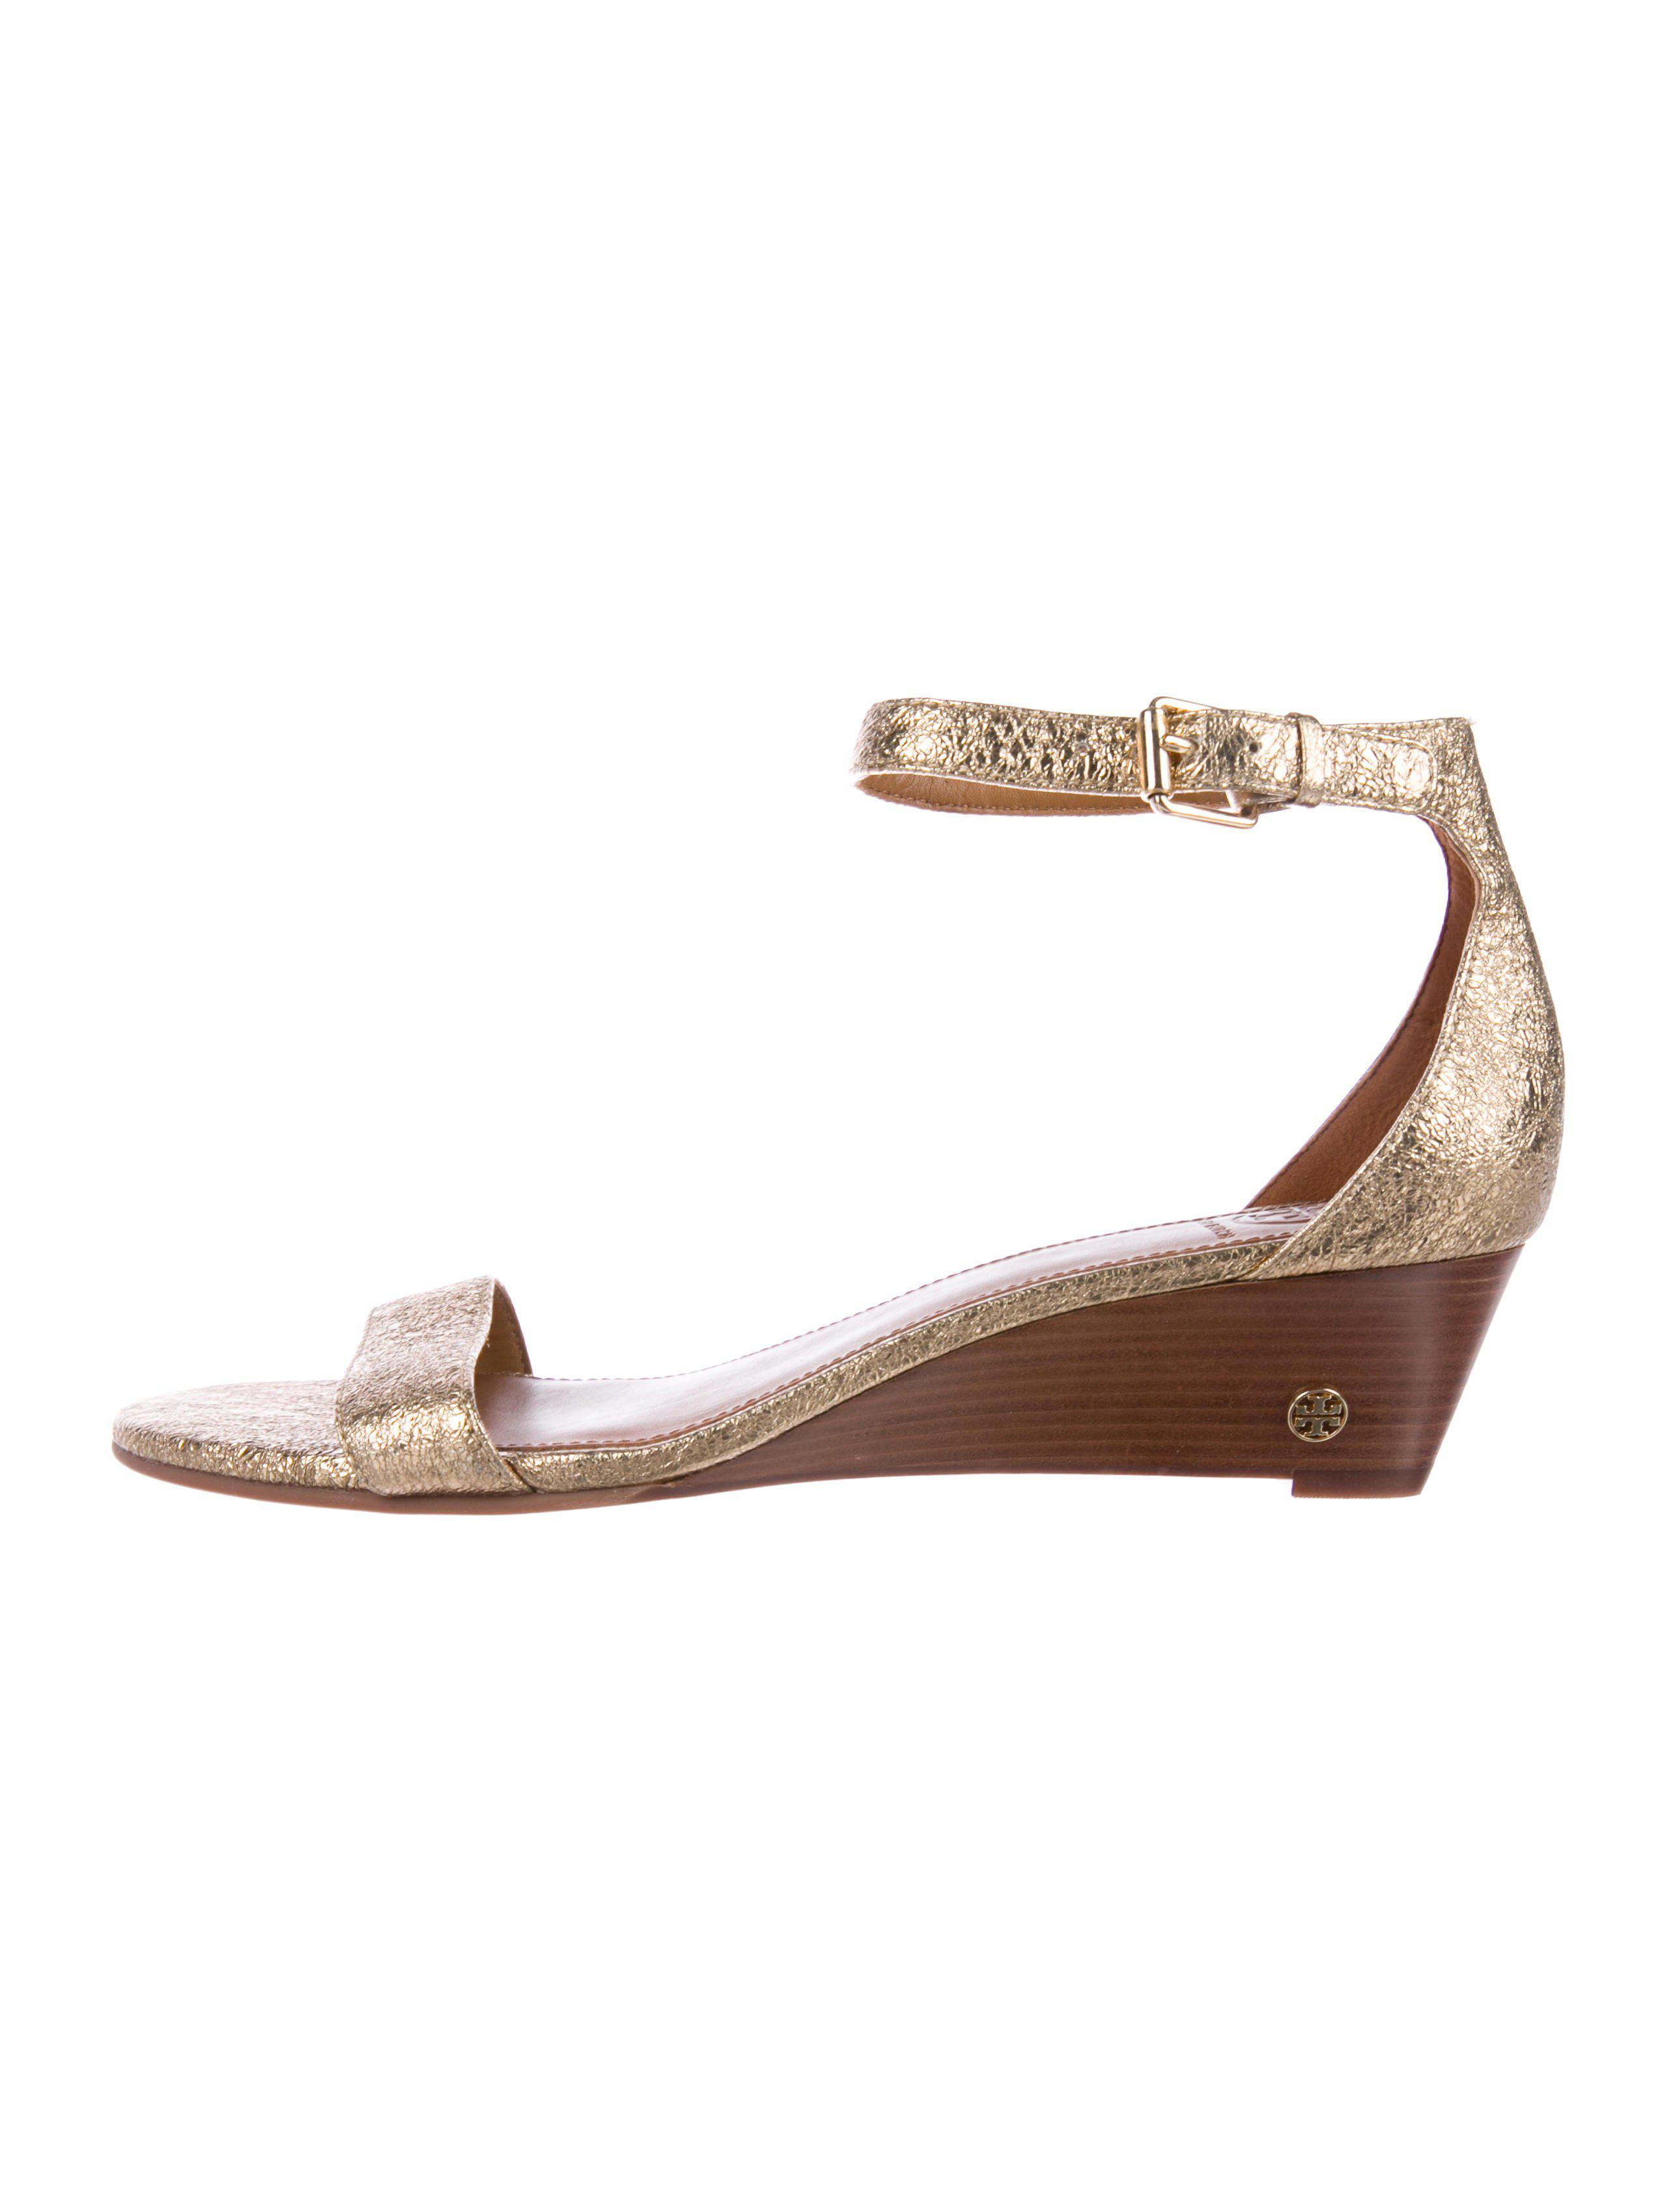 1bc3a6cd6c2 Lyst - Tory Burch Savannah Wedge Sandals in Metallic